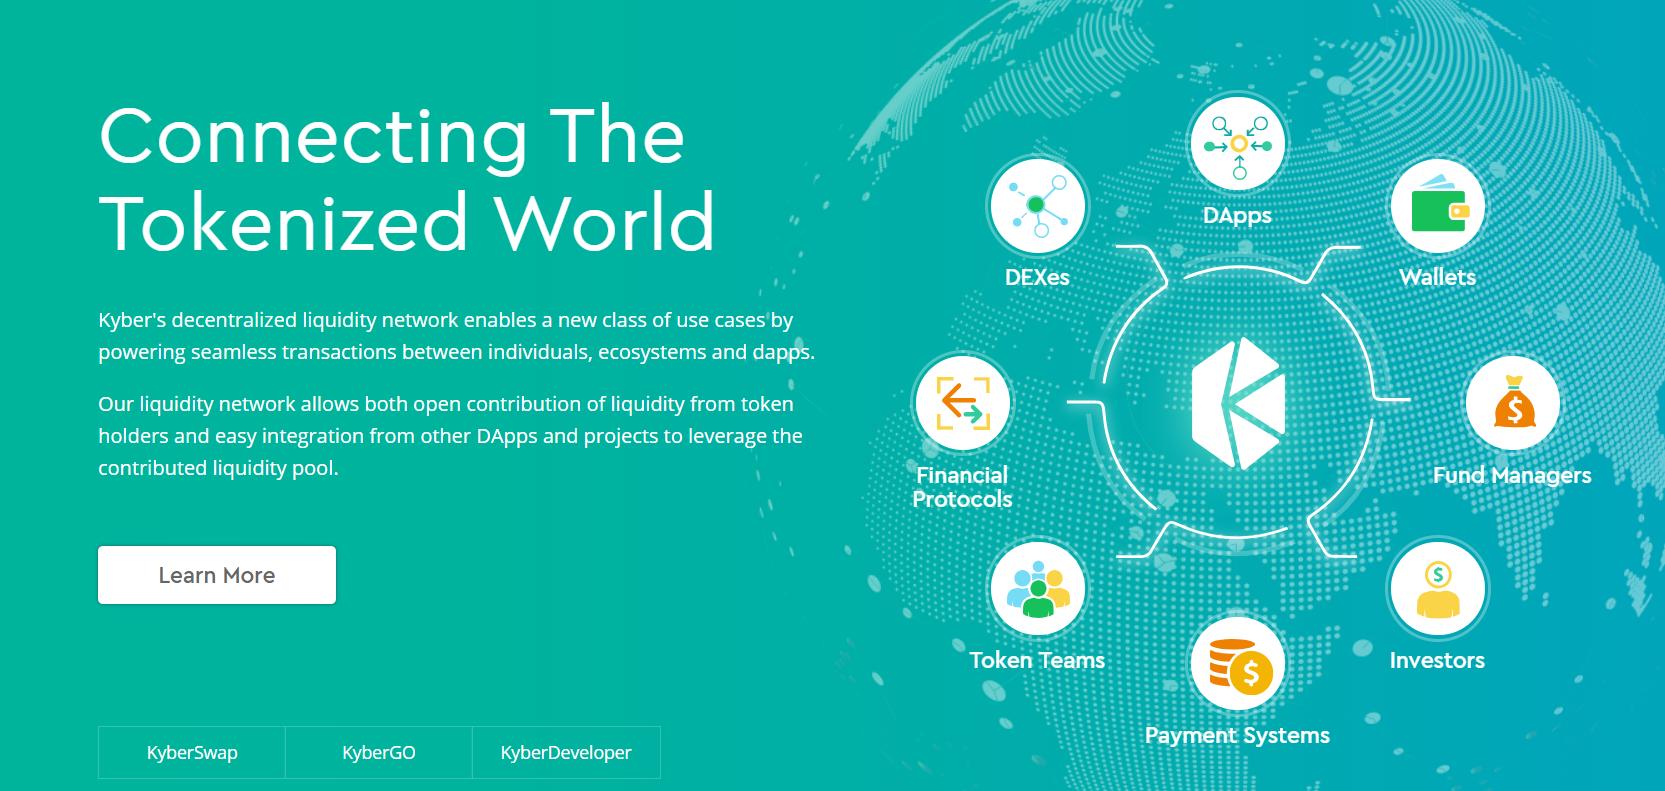 カイバーネットワーク カイバースワップ KyberNetwork KyberSwap 登録方法 始め方 使い方 解説 DEX 分散型取引所